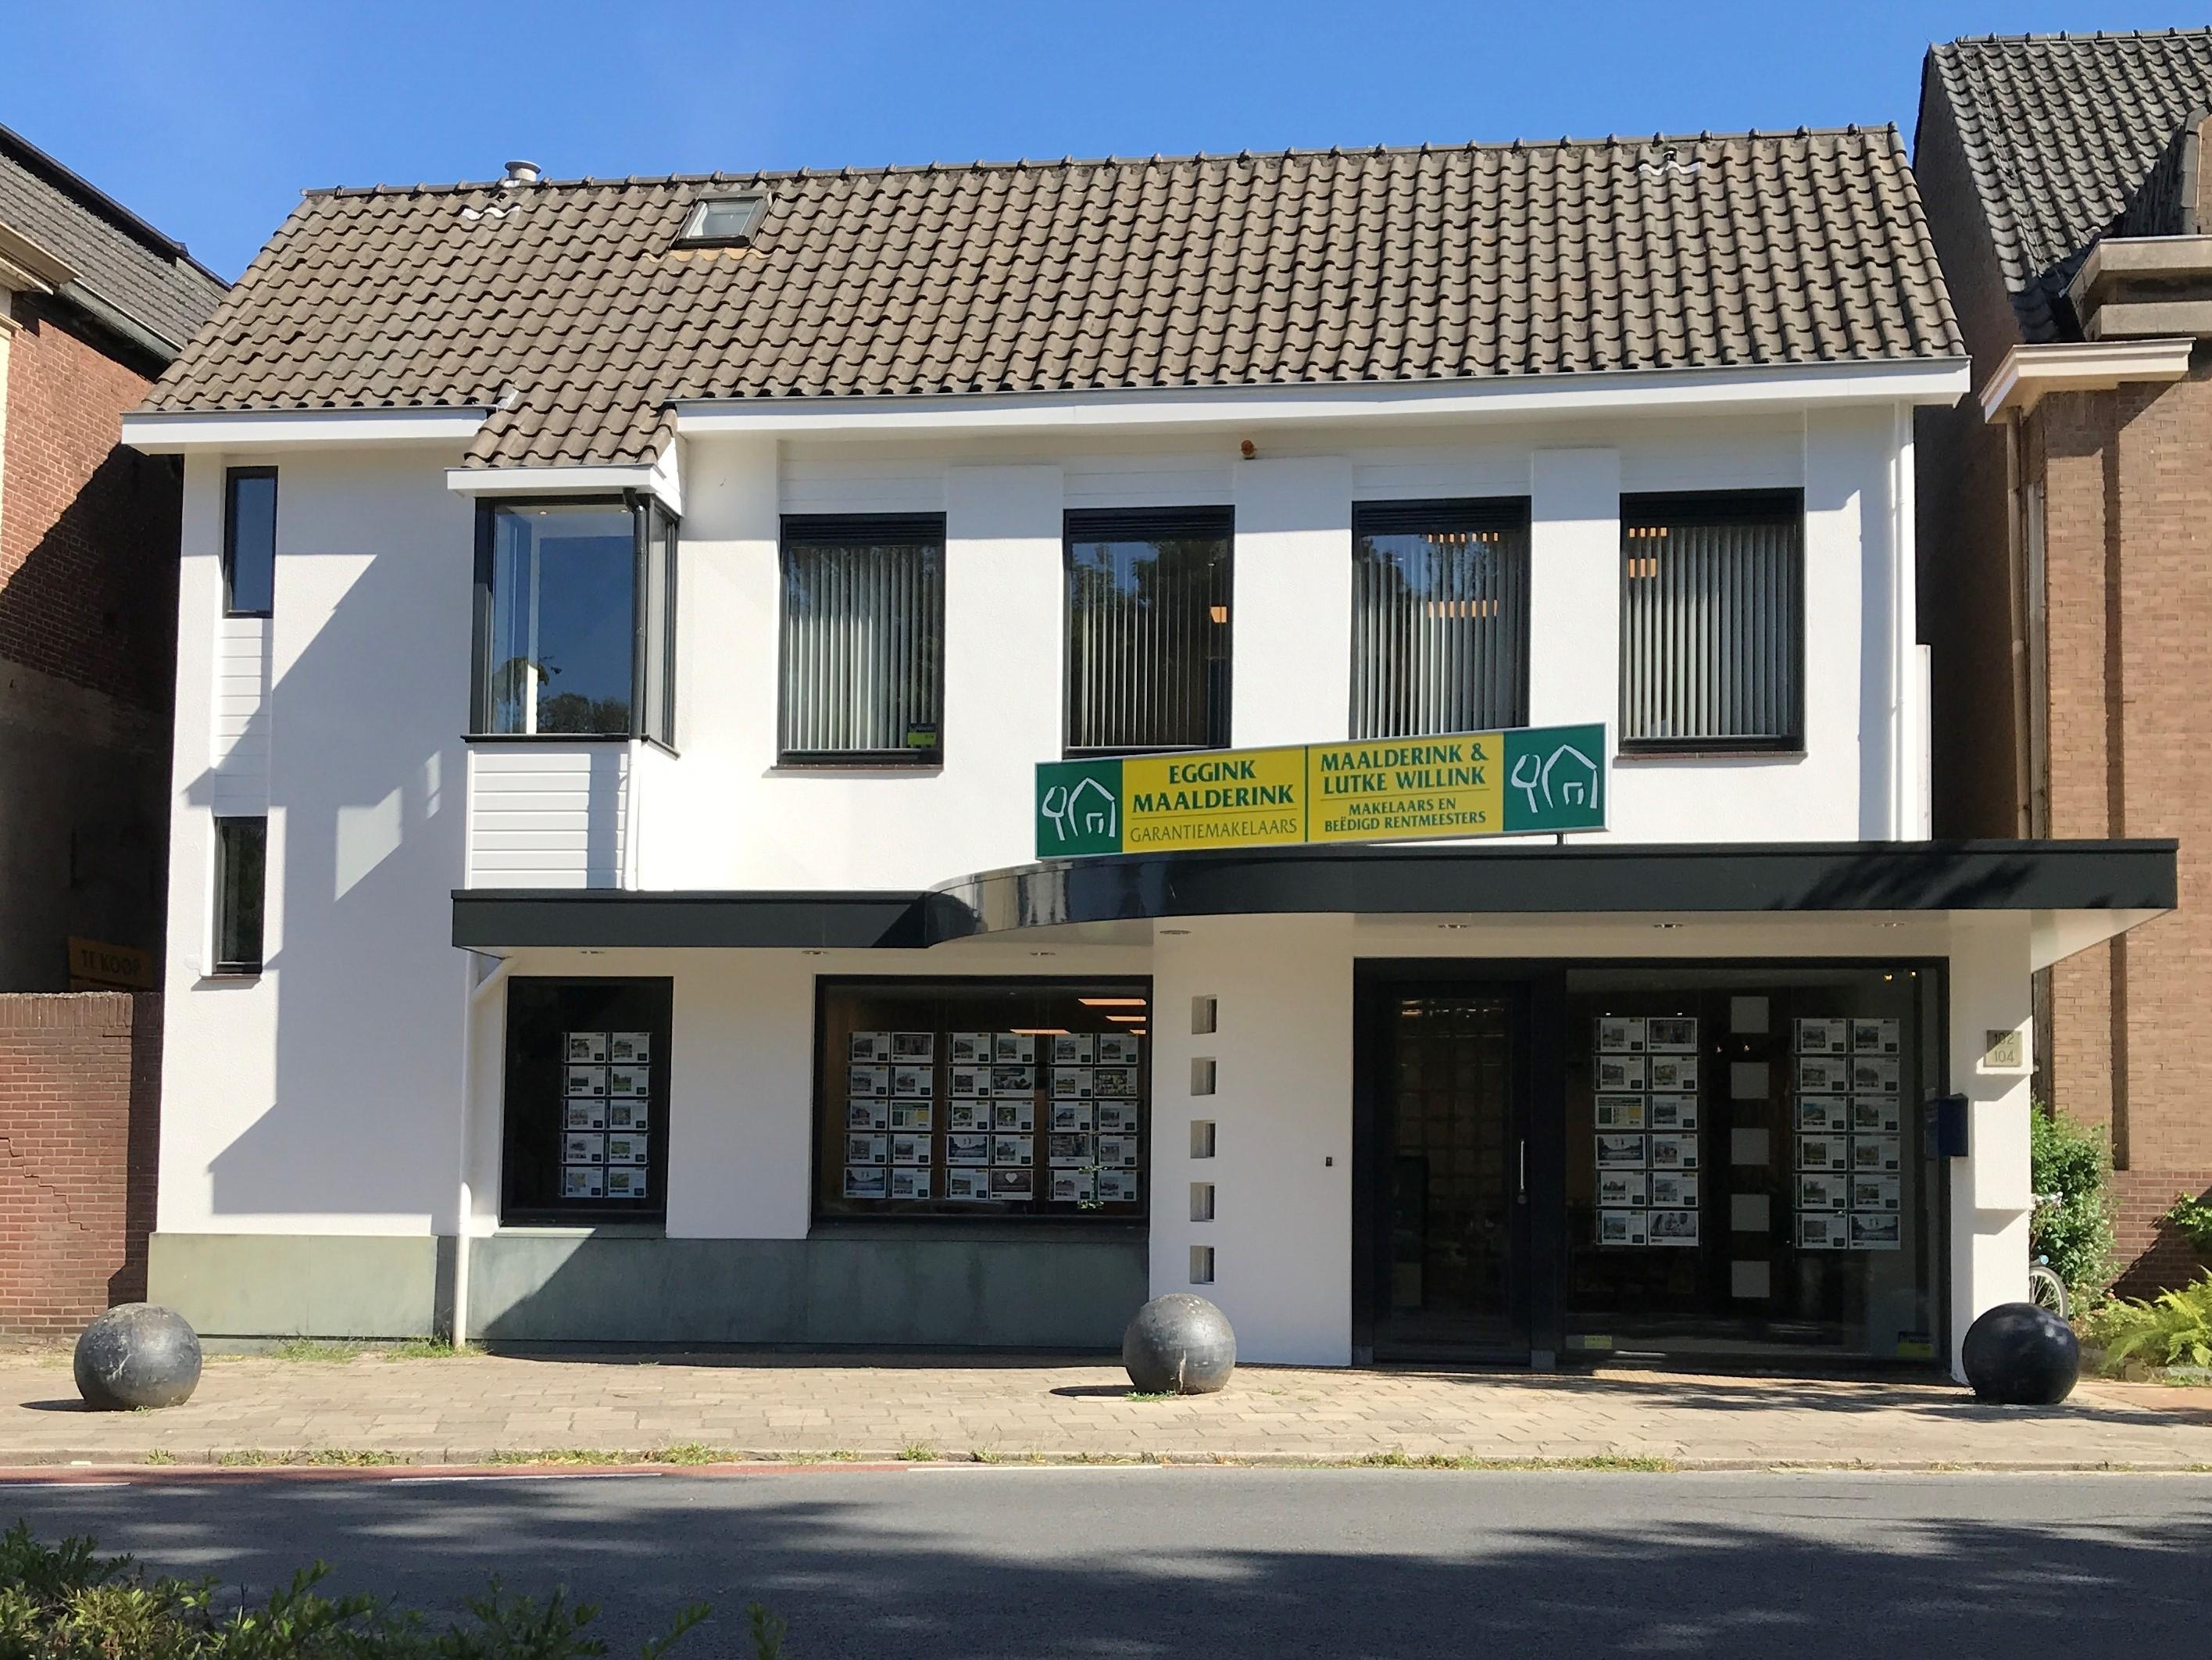 Kantoor Vestiging Maalderink & Lutke Willink